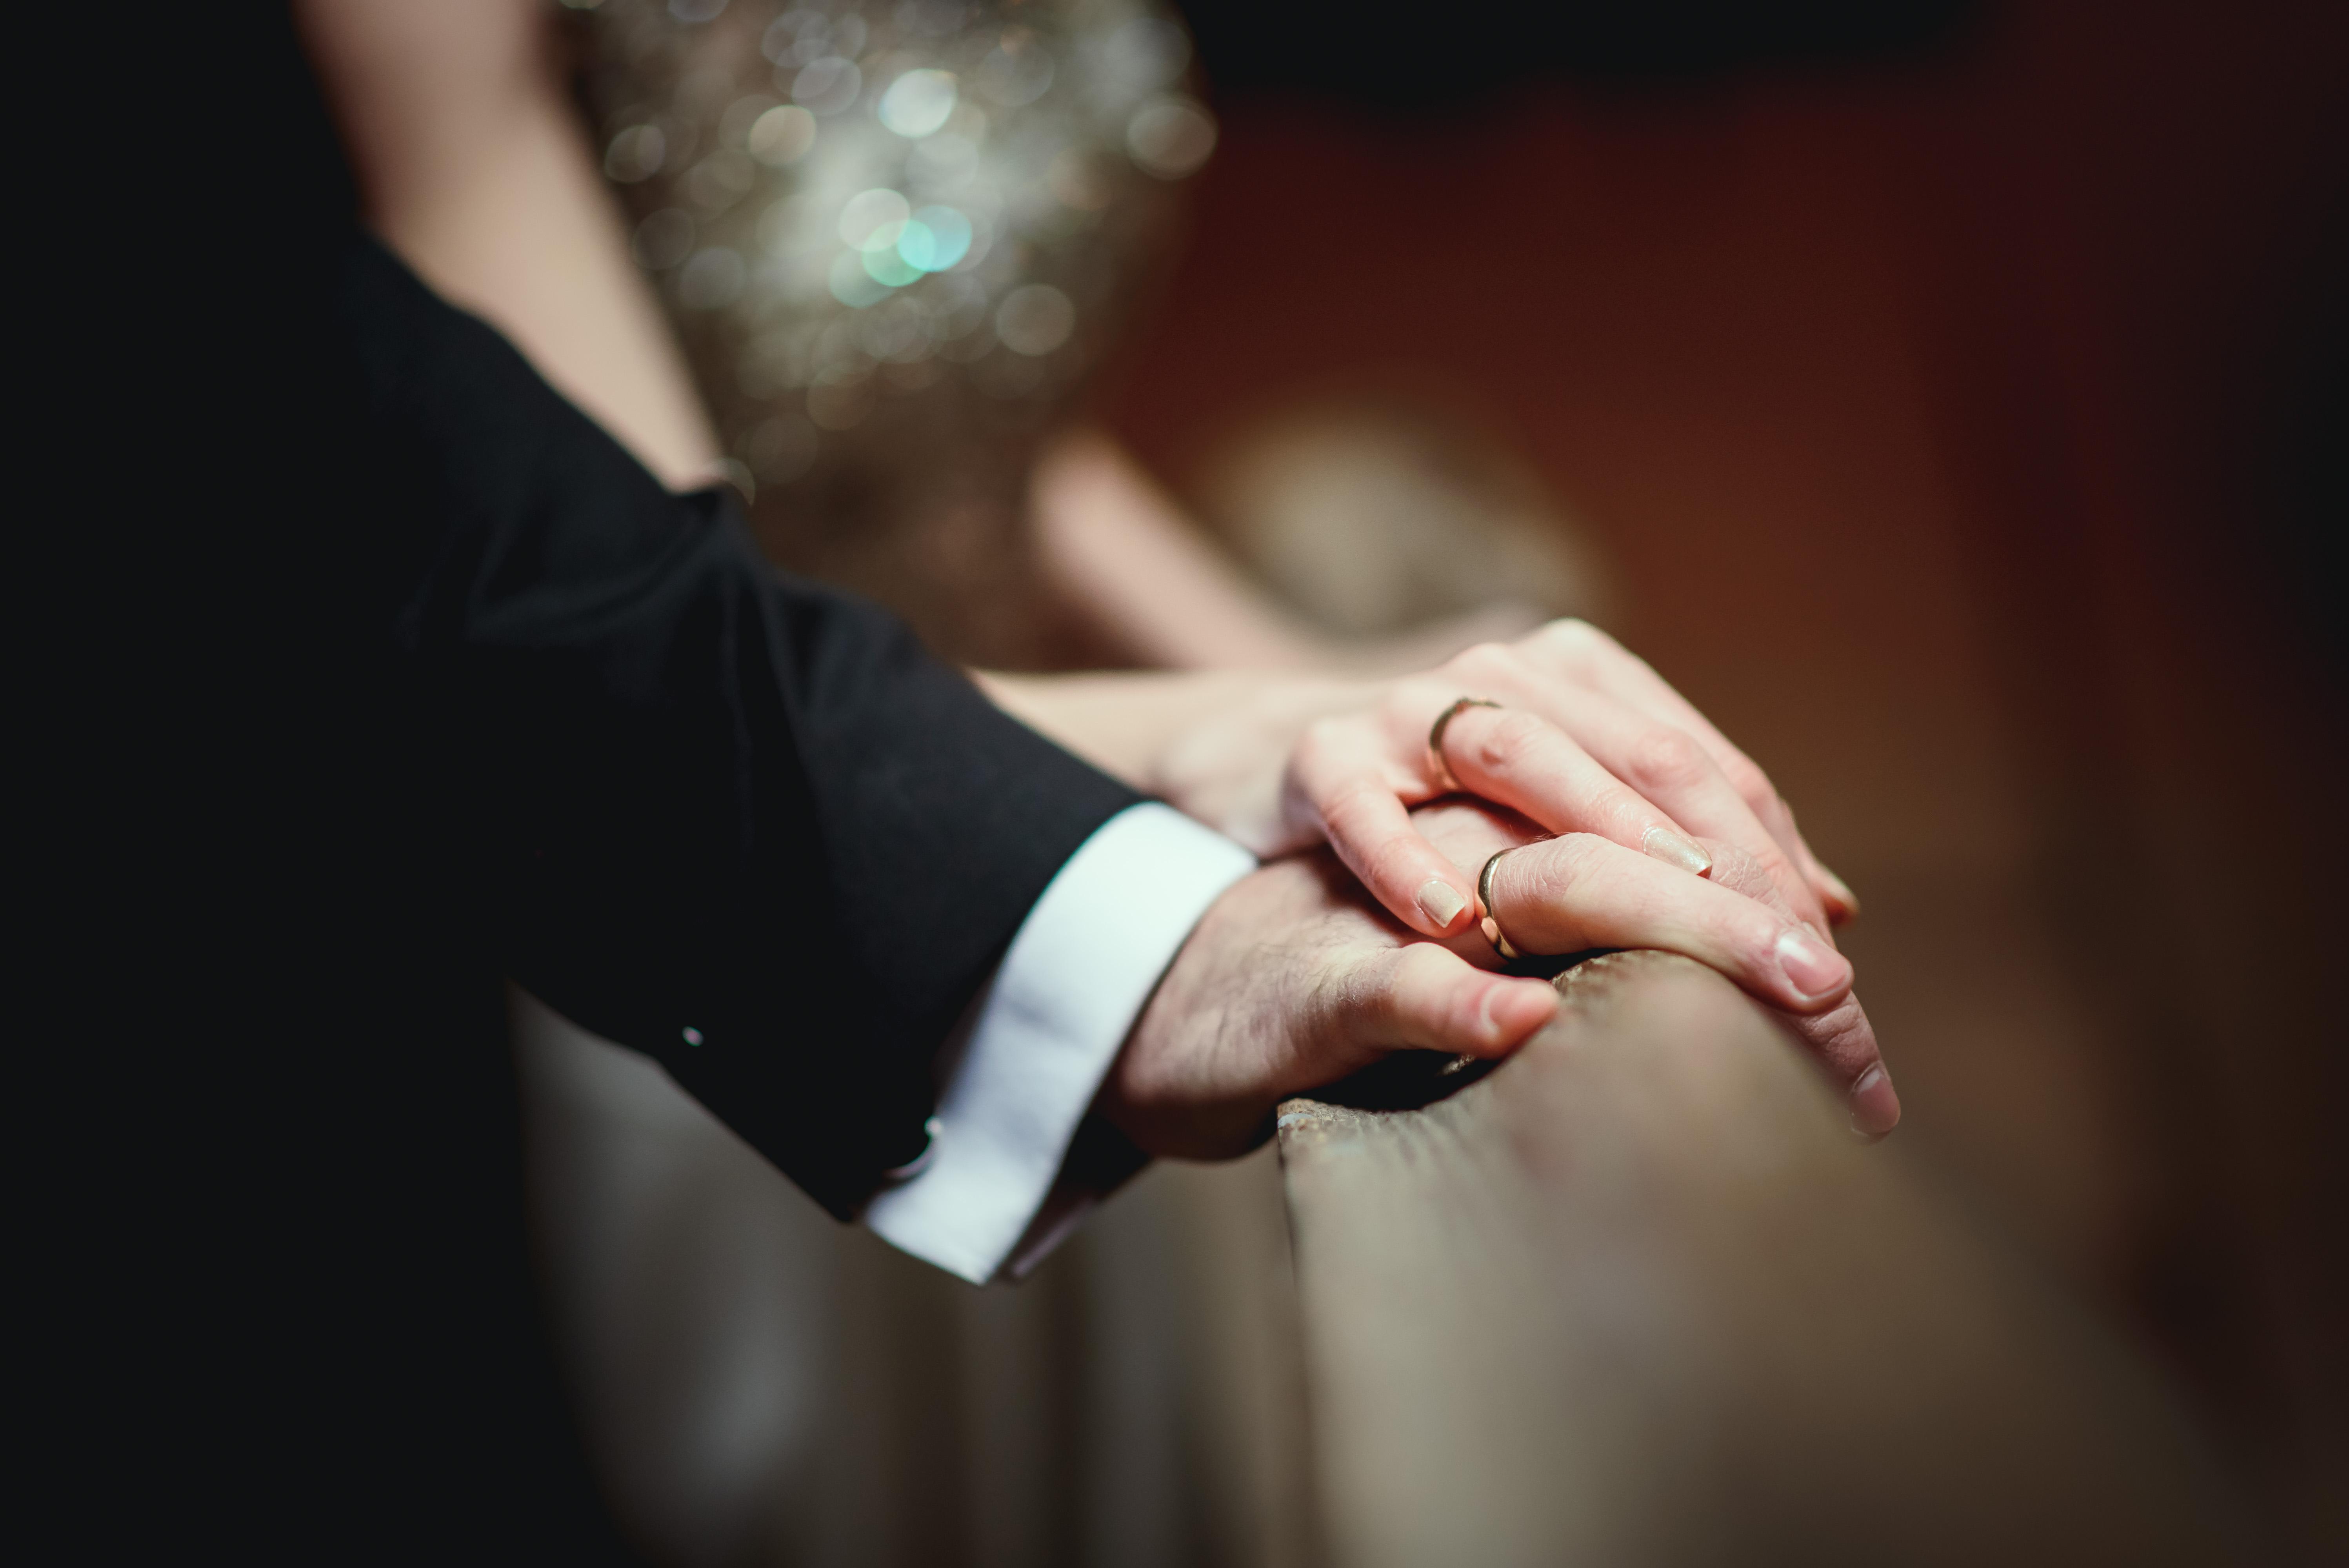 zdjęcie dłoni z obrączkami, zdjęcie dłoni w kościele